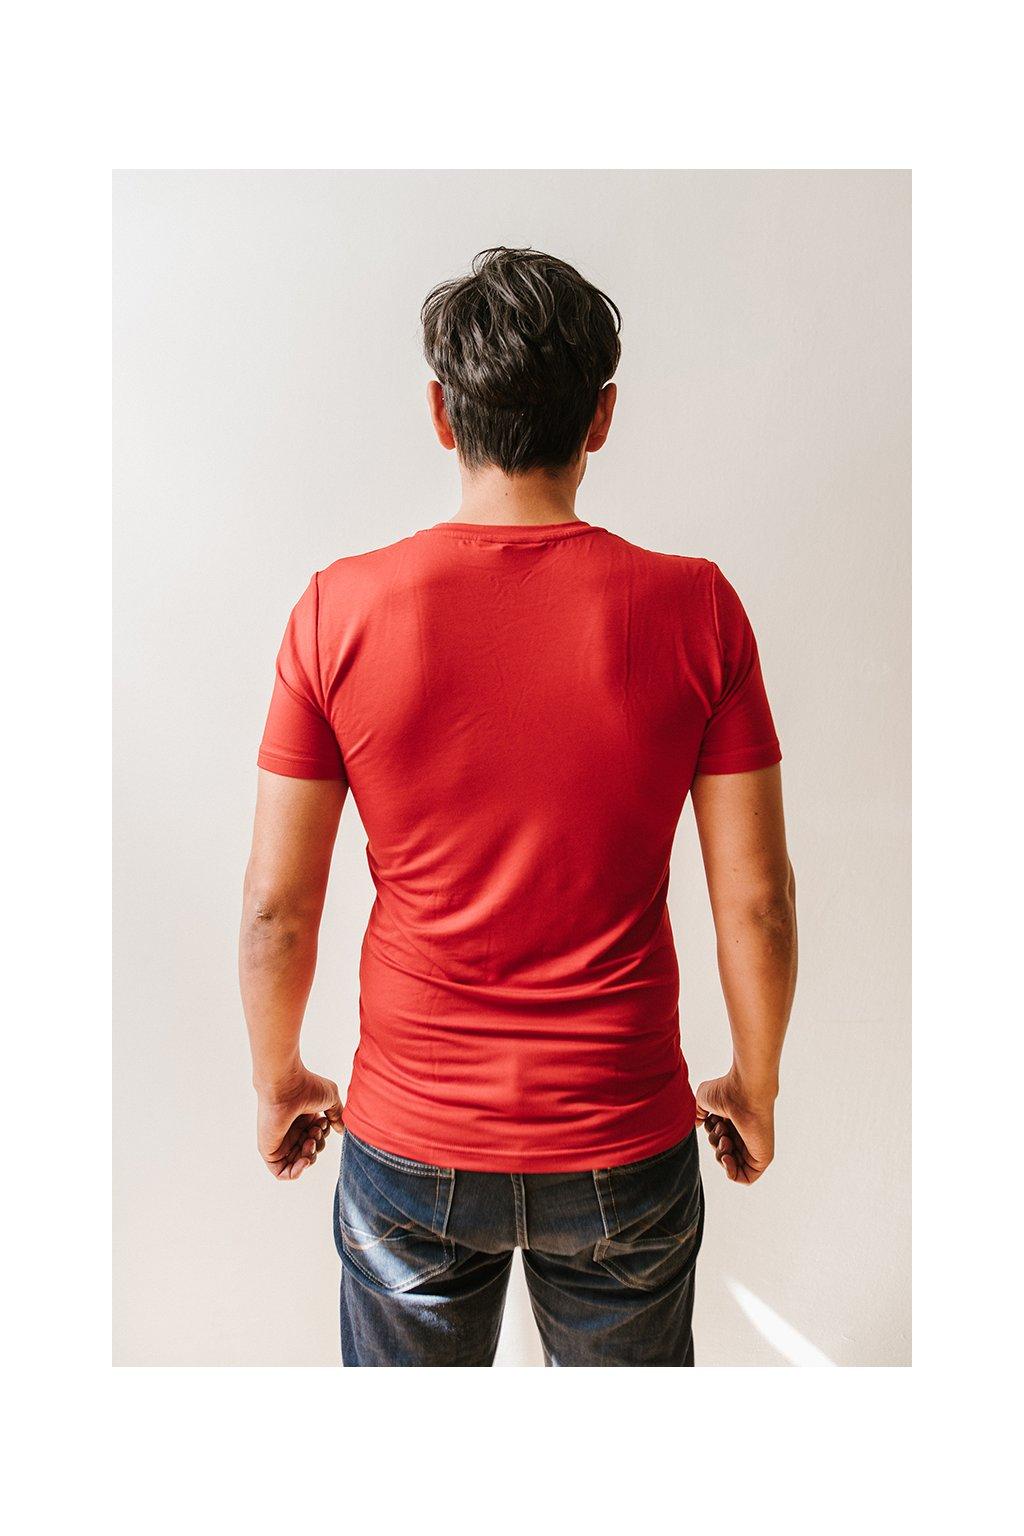 Bambusové tričko červené s krátkým rukávem